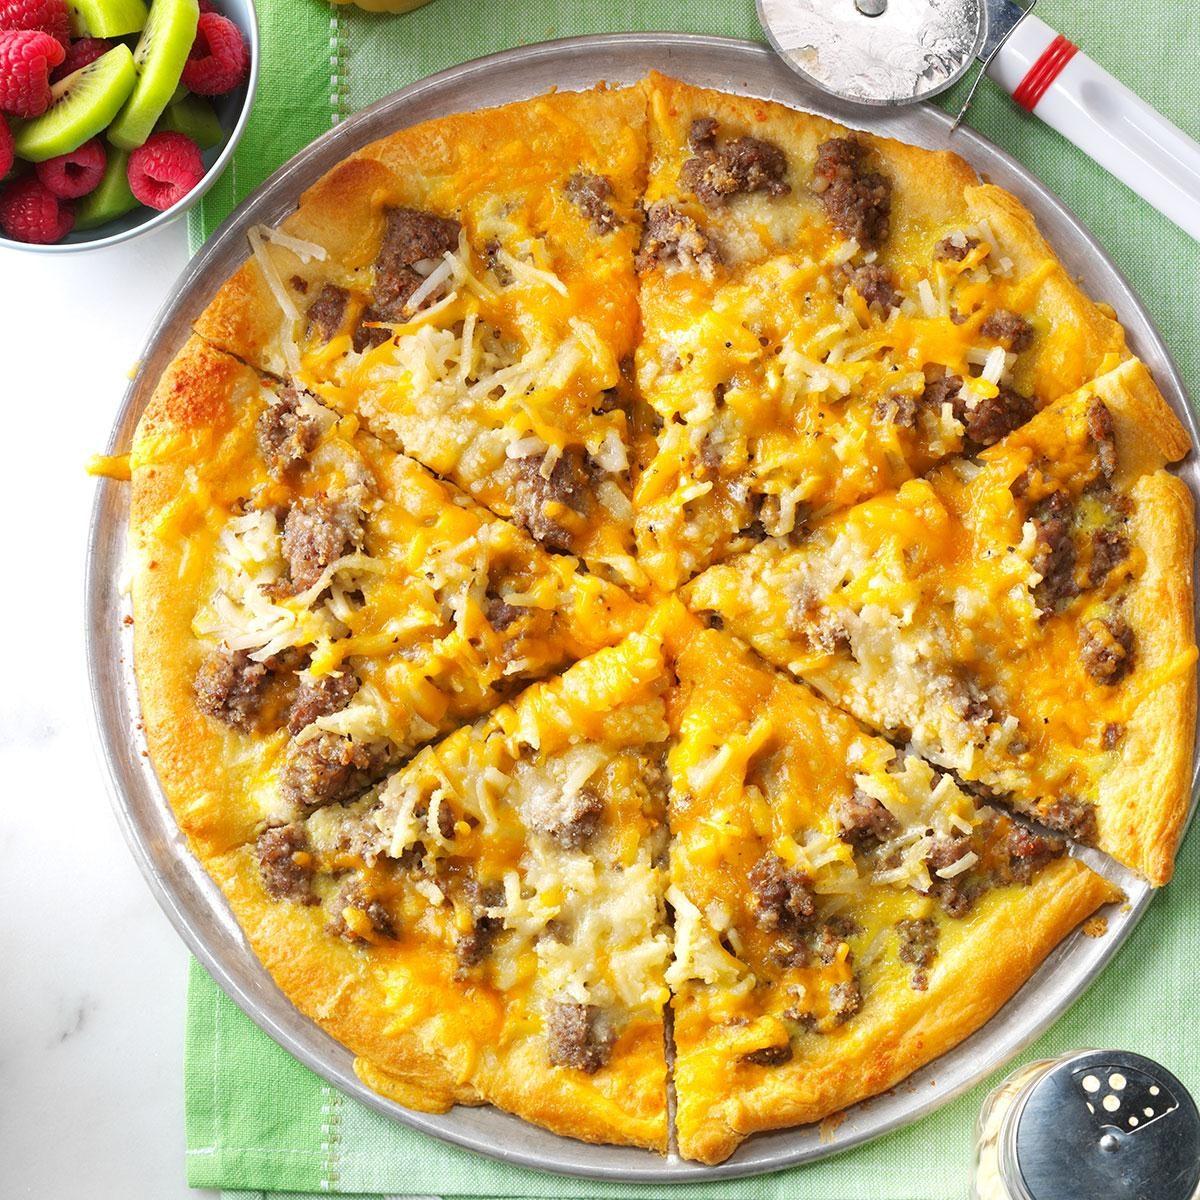 Washington: Sausage and Hashbrown Breakfast Pizza